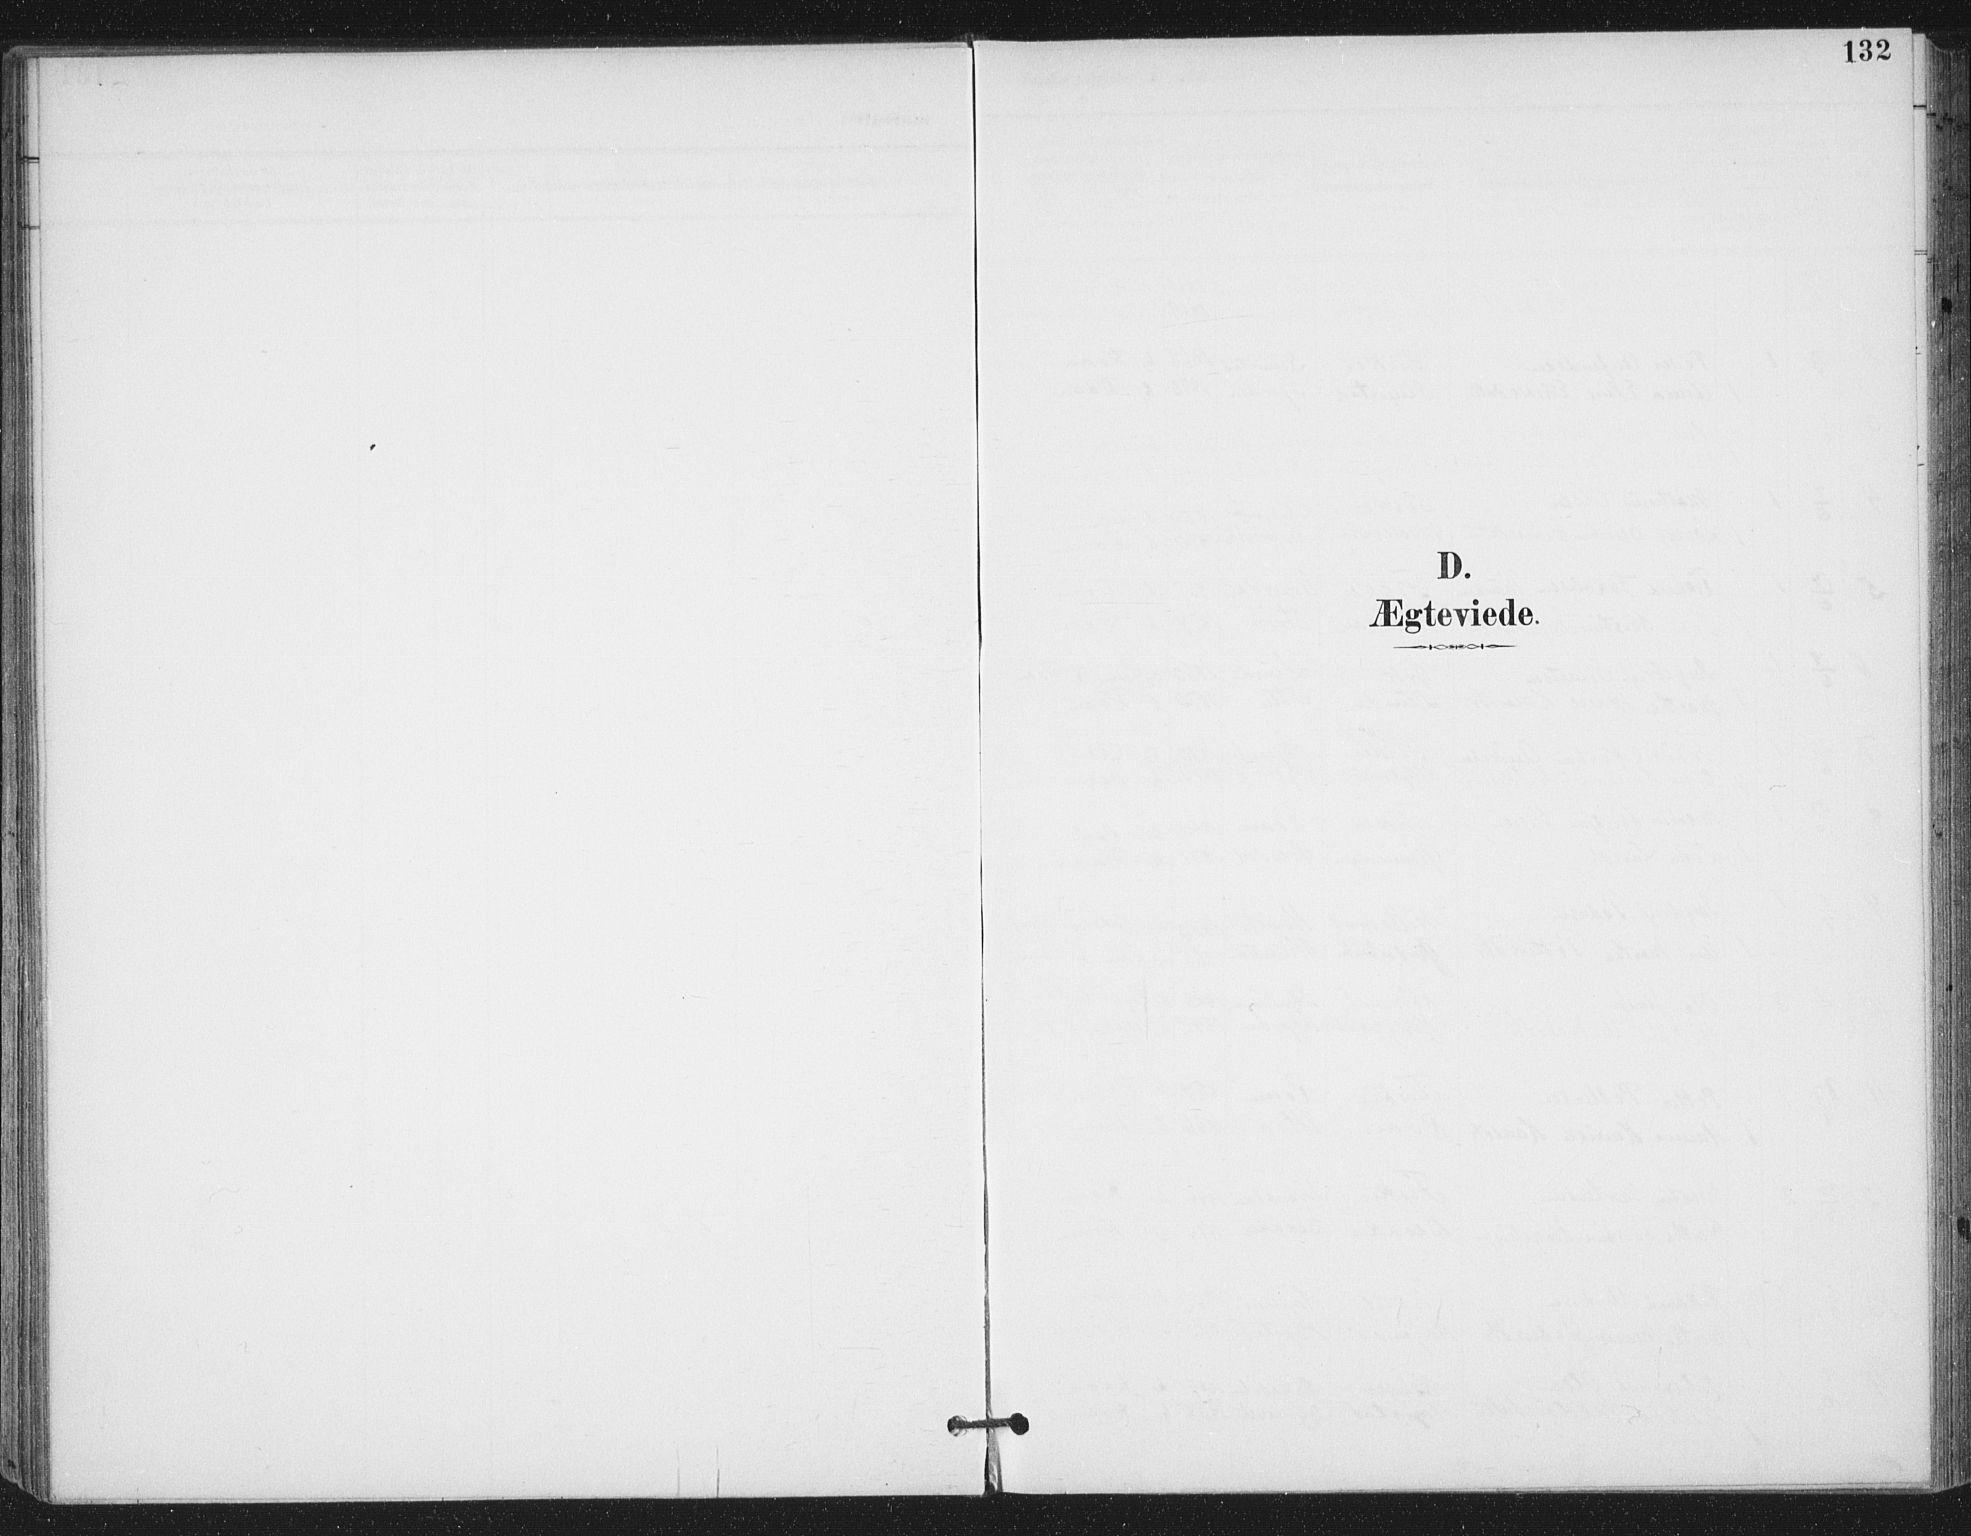 SAT, Ministerialprotokoller, klokkerbøker og fødselsregistre - Sør-Trøndelag, 657/L0708: Ministerialbok nr. 657A09, 1894-1904, s. 132